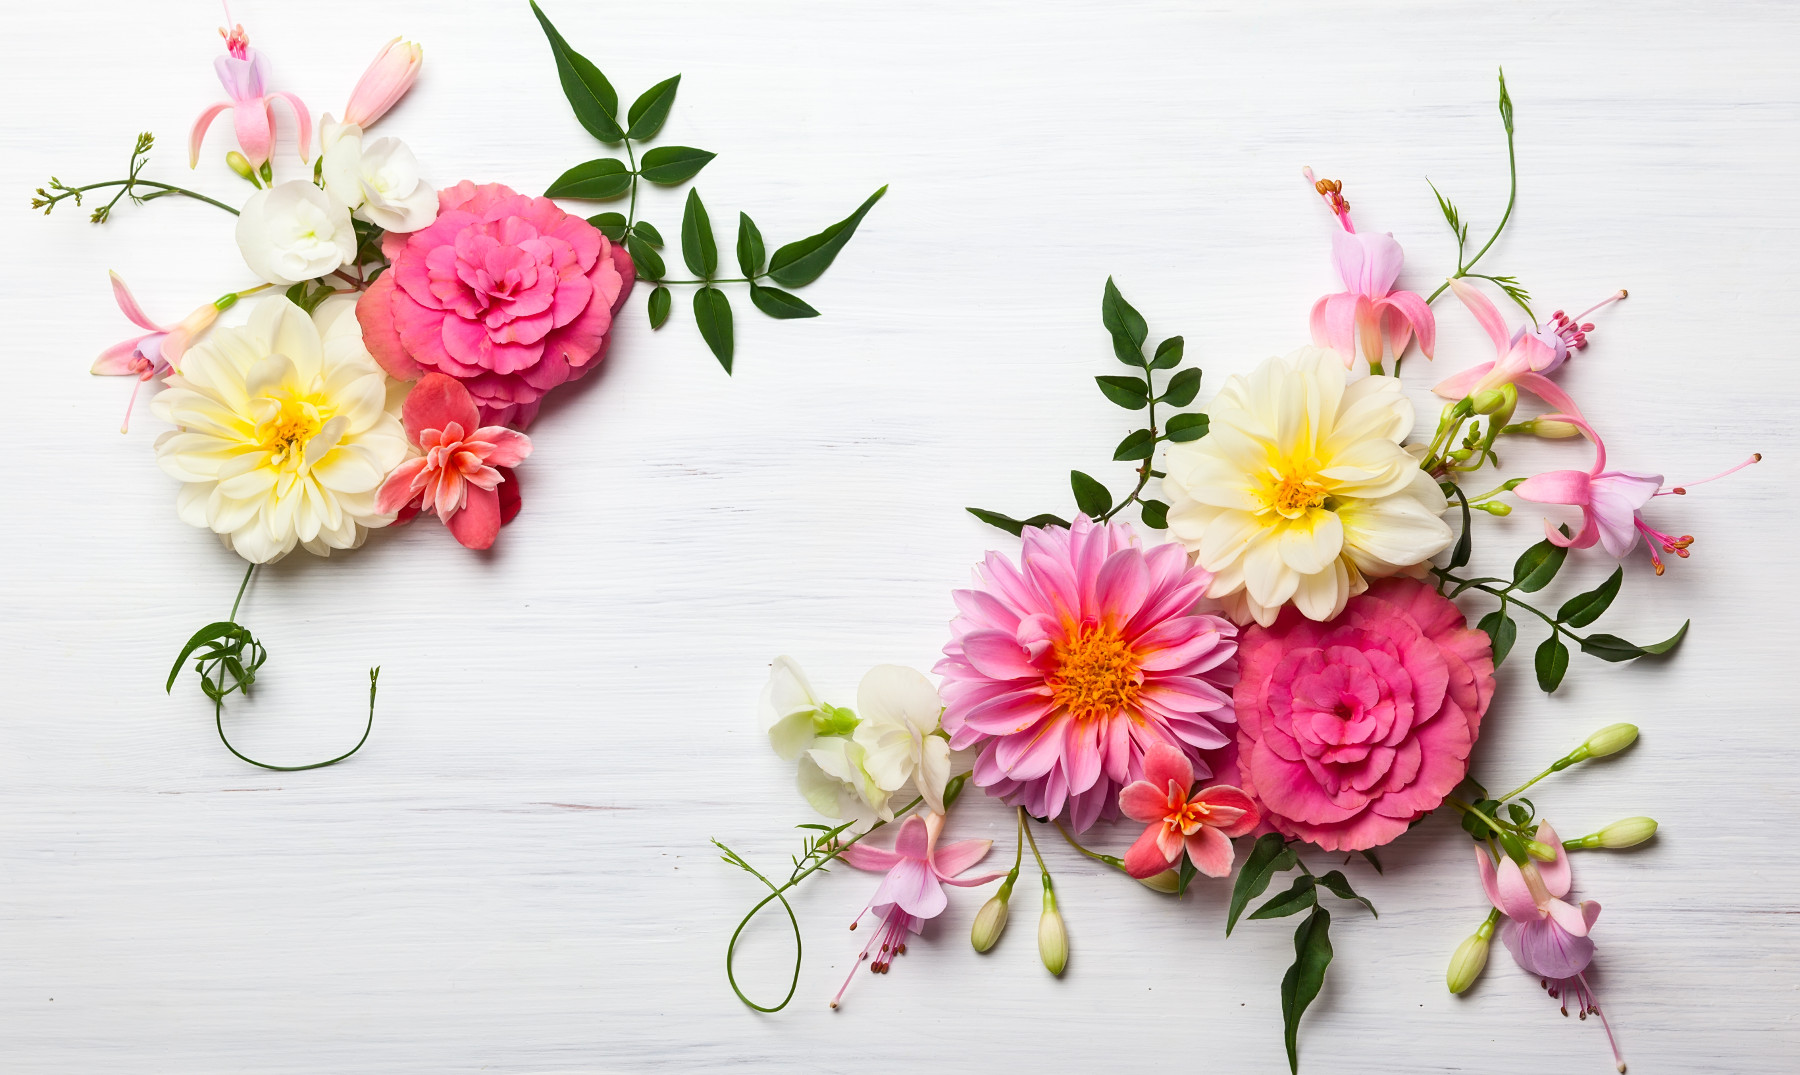 100 Frases De Flores Belleza Y Frescor Natural E